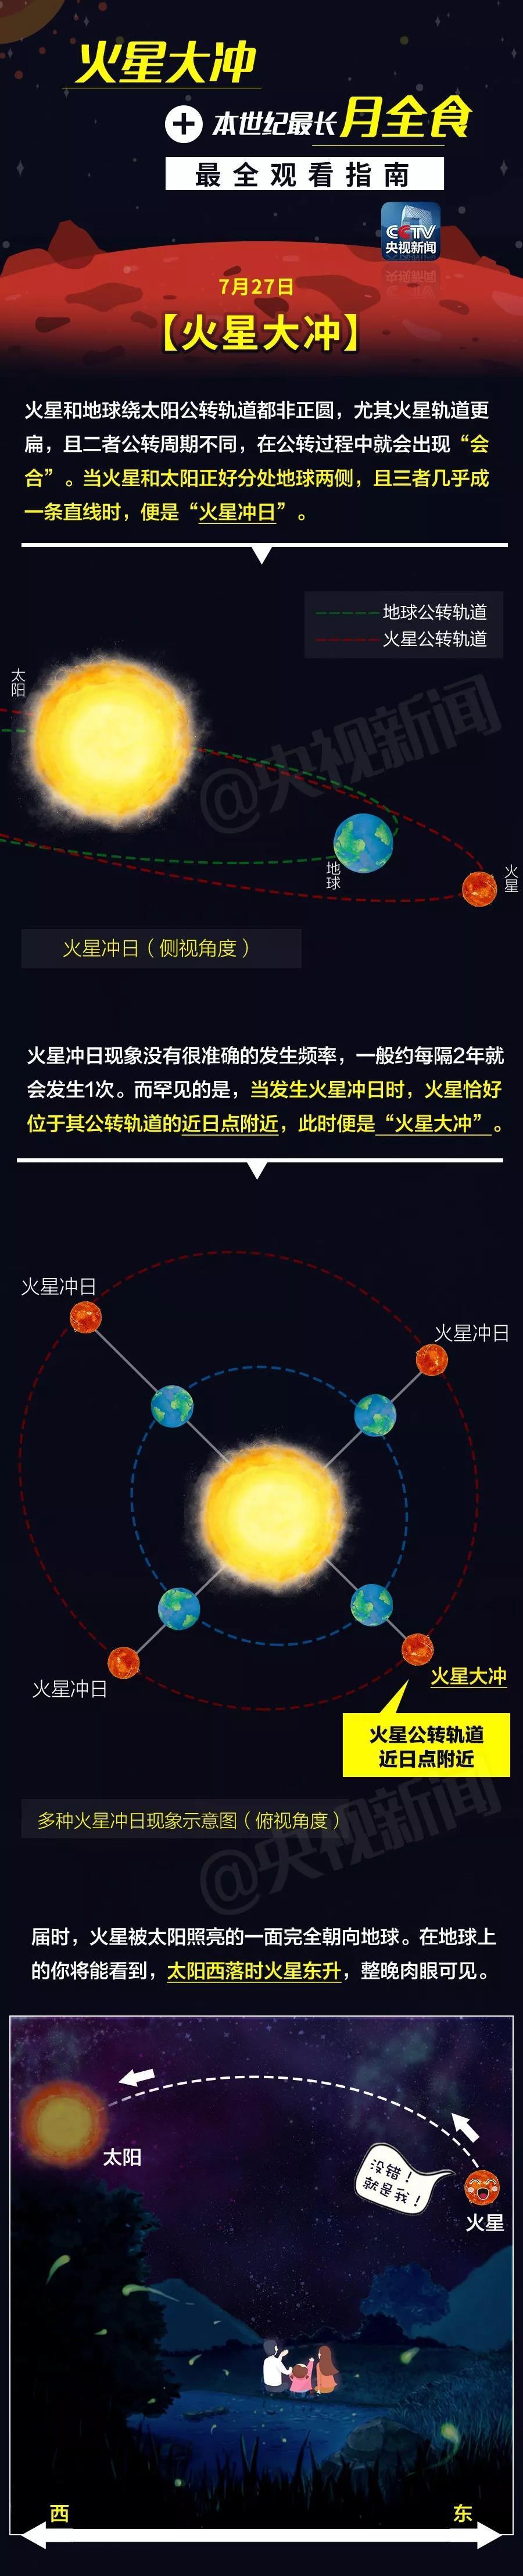 """""""火星大冲""""+本世纪最长月全食!两场天文""""大戏""""不容错过!"""